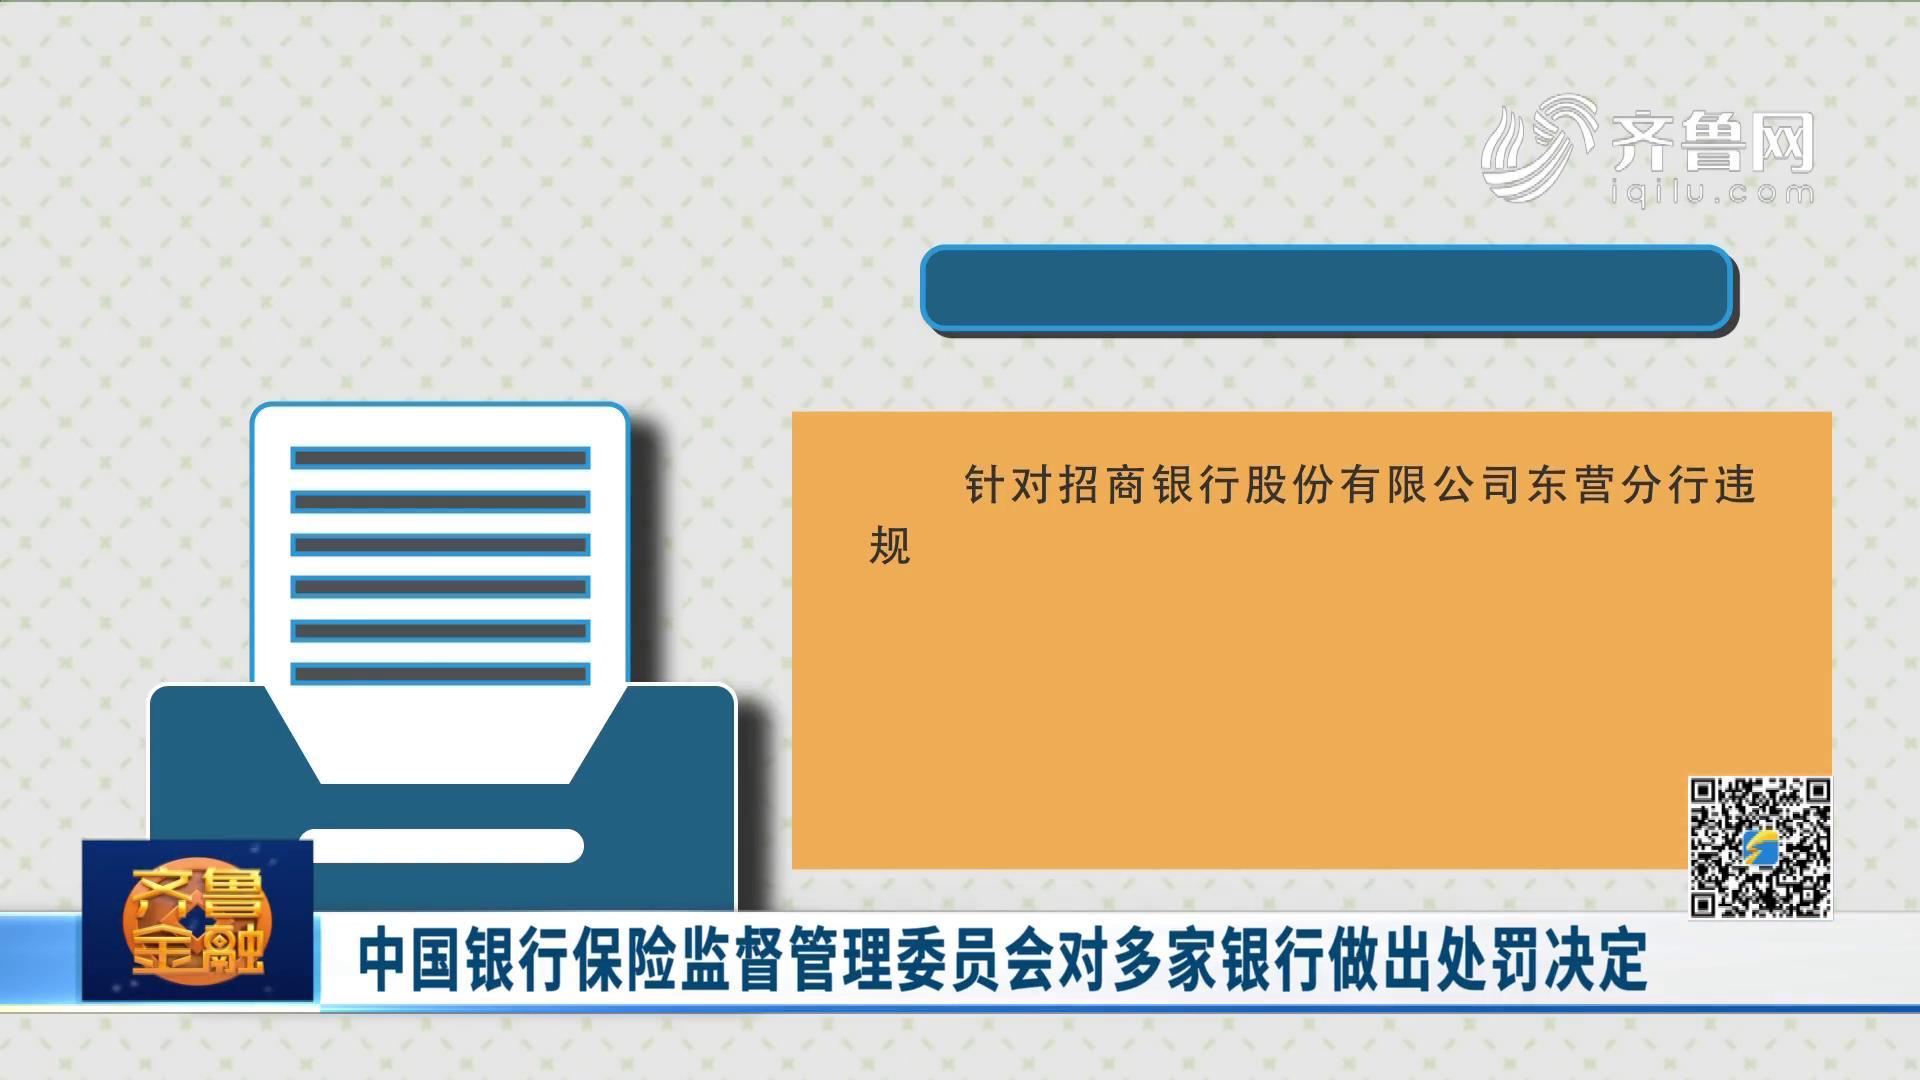 中国银行保险监督管理委员会对多家金融机构做出处罚决定《齐鲁金融》20201118播出